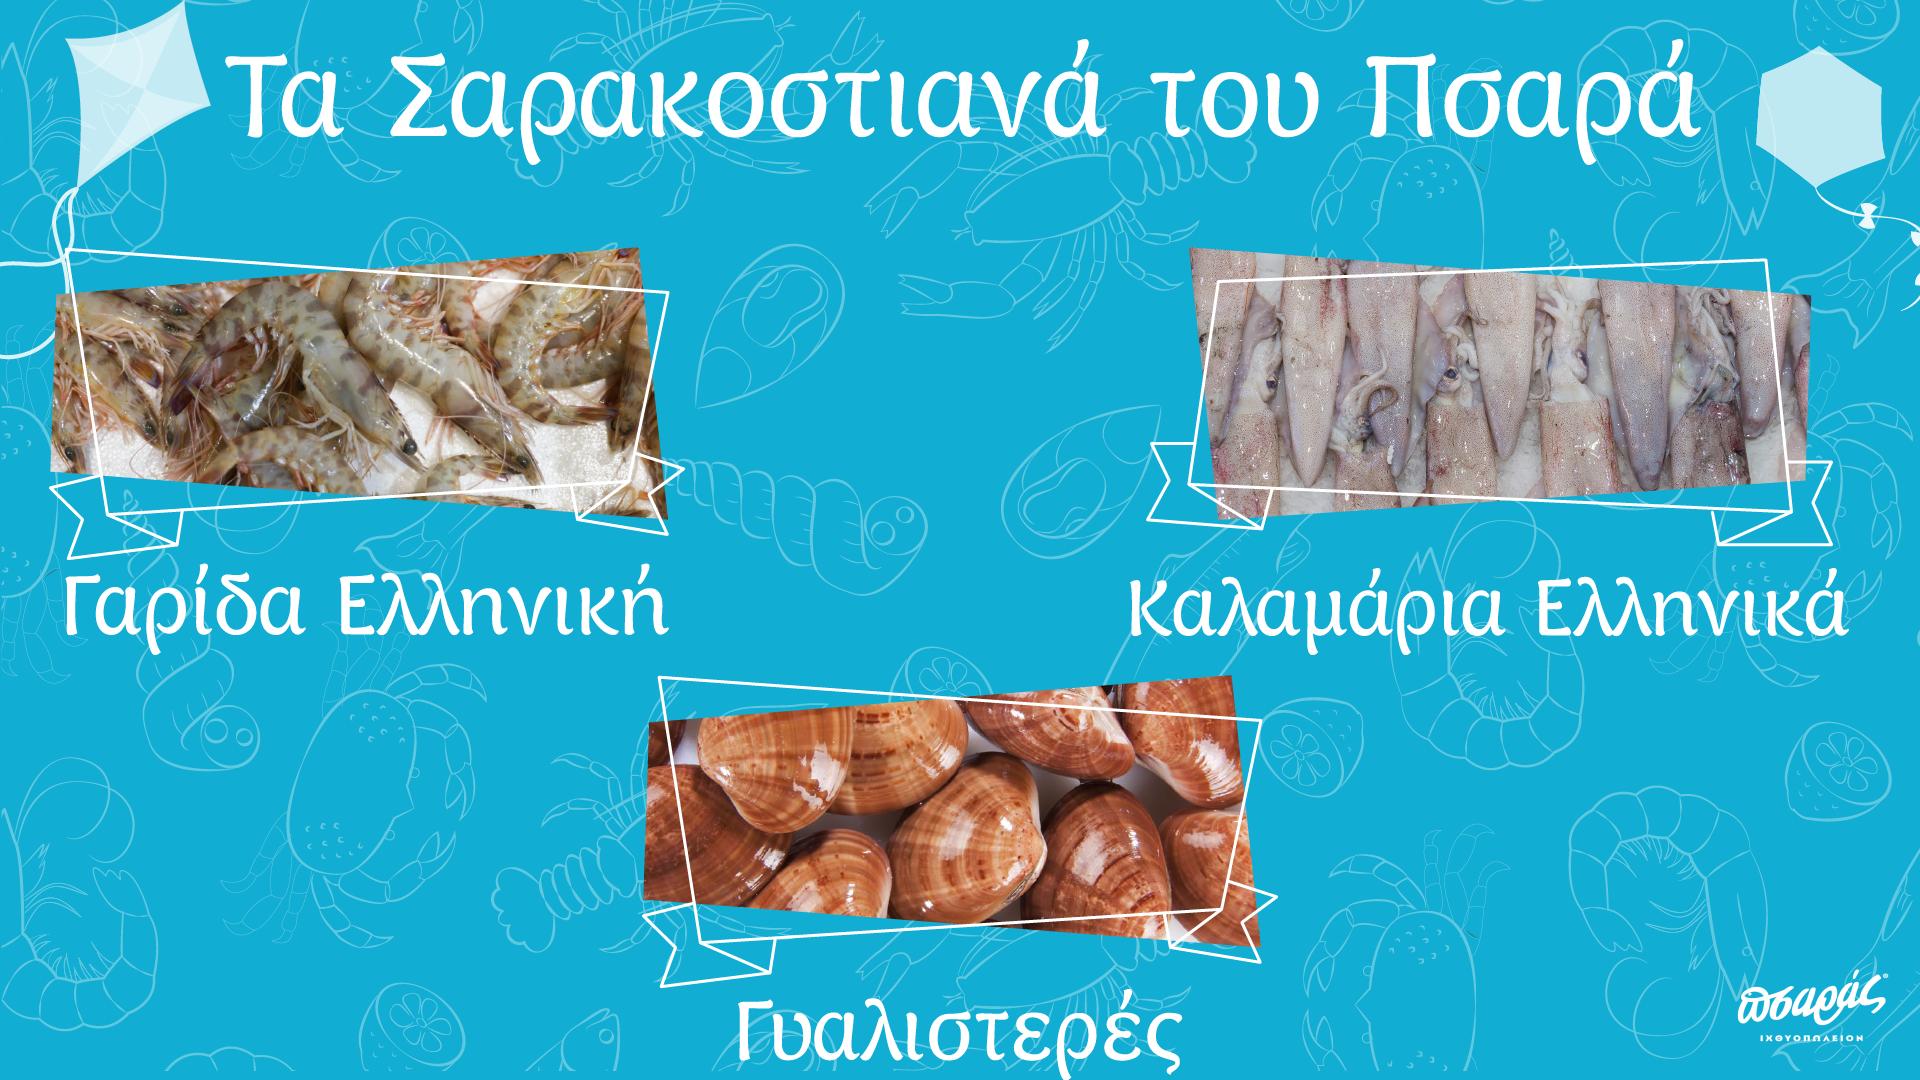 Τα Σαρακοστιανά του Πσαρά – Τόμος VI! Γαρίδα και καλαμάρια από ελληνικές θάλασσες, και φωτεινές γυαλιστερές, έρχονται να κλείσουν τον κύκλο των Σαρακοστιανών θαλασσινών του Πσαρά! Τώρα, είστε έτοιμοι, να κάνετε τις δικές σας επιλογές, καθόλη τη διάρκεια της Σαρακοστής, για να μη μείνει, απ' όσους από εσάς νηστεύουν, παραπονεμένος κανείς! Επωφεληθείτε της υπηρεσίας Delivery ☎️ 2310232228 του Πσαρά, για να έχετε τα καλύτερα θαλασσινά, οποιαδήποτε στιγμή, μέσα στη Σαρακοστή, στην πόρτα σας!